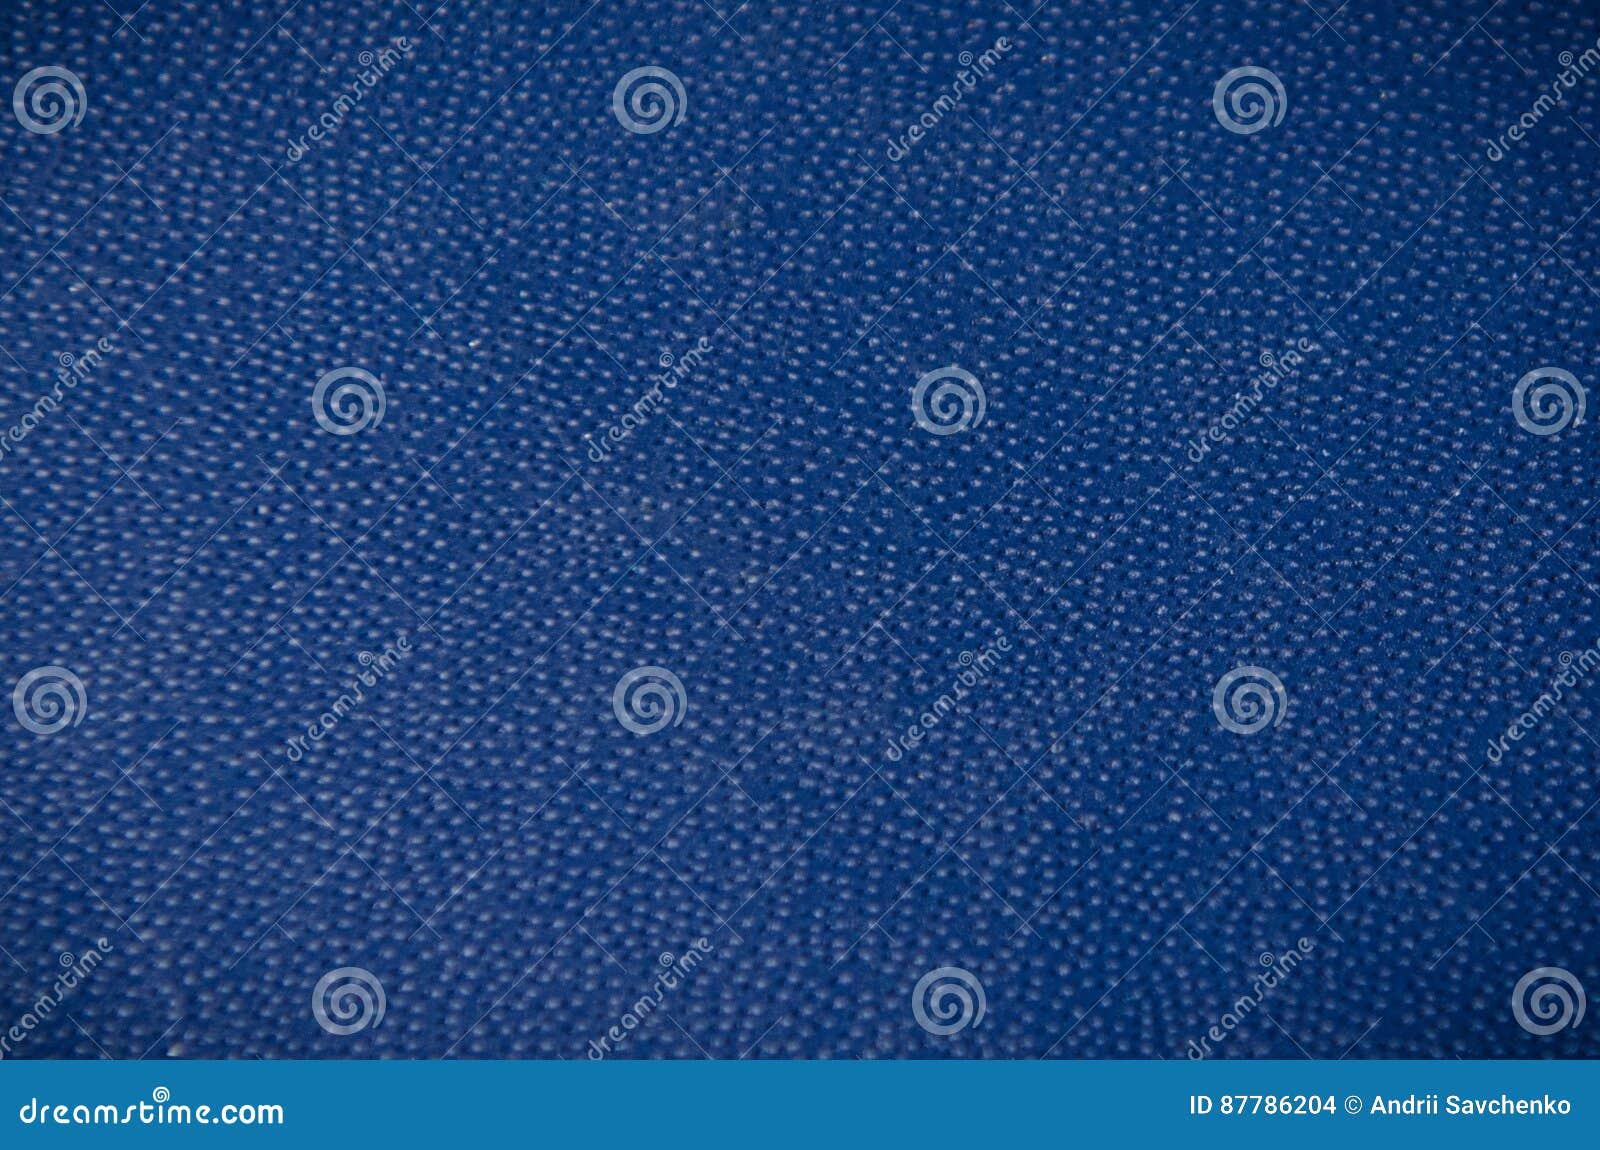 Blue Book Cover Texture ~ Blue book cover texture stock photo image of retro